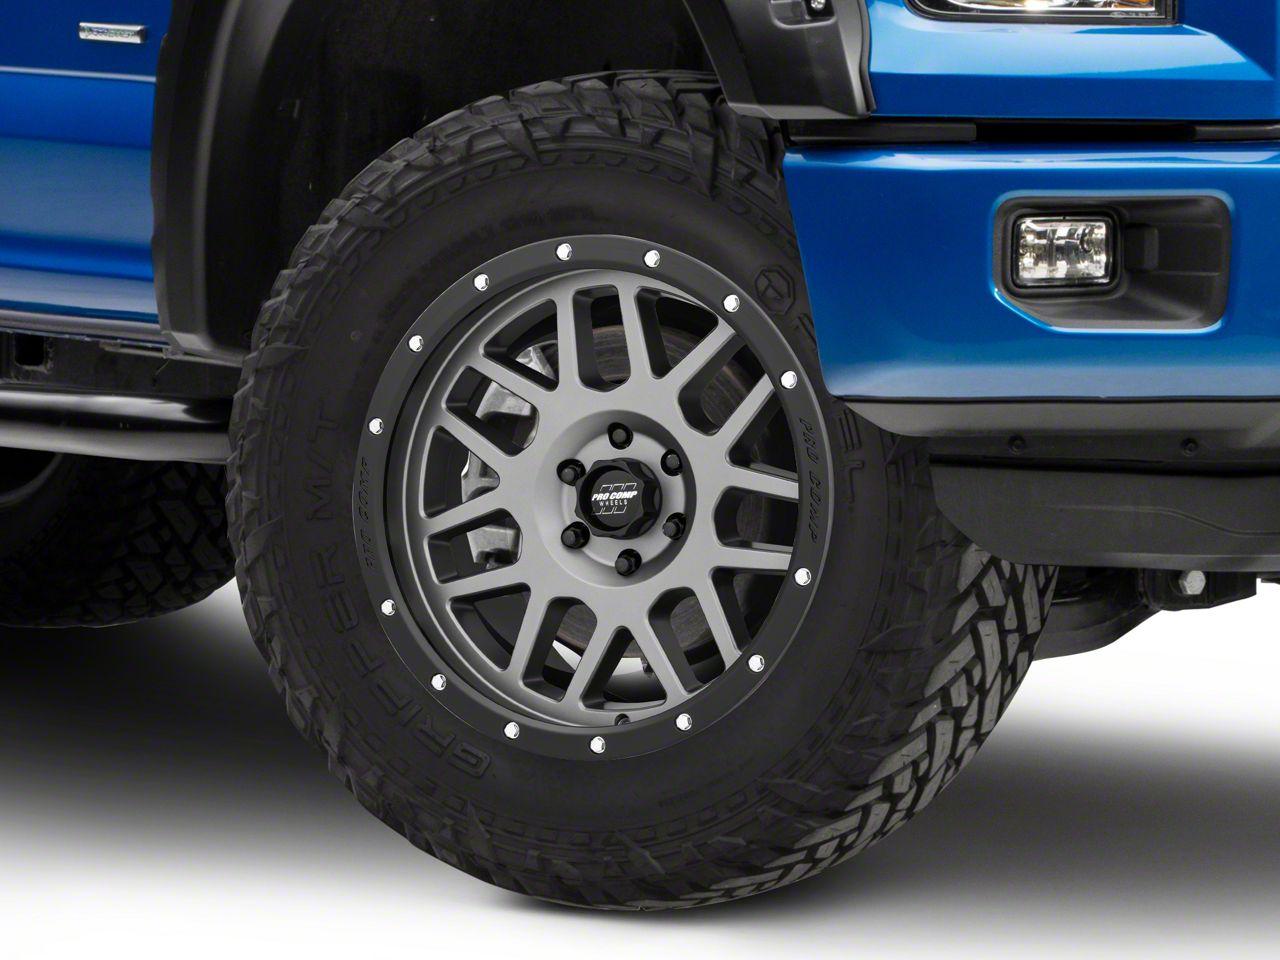 Pro Comp Vertigo Matte Graphite 6-Lug Wheel - 20x9 (04-19 F-150)